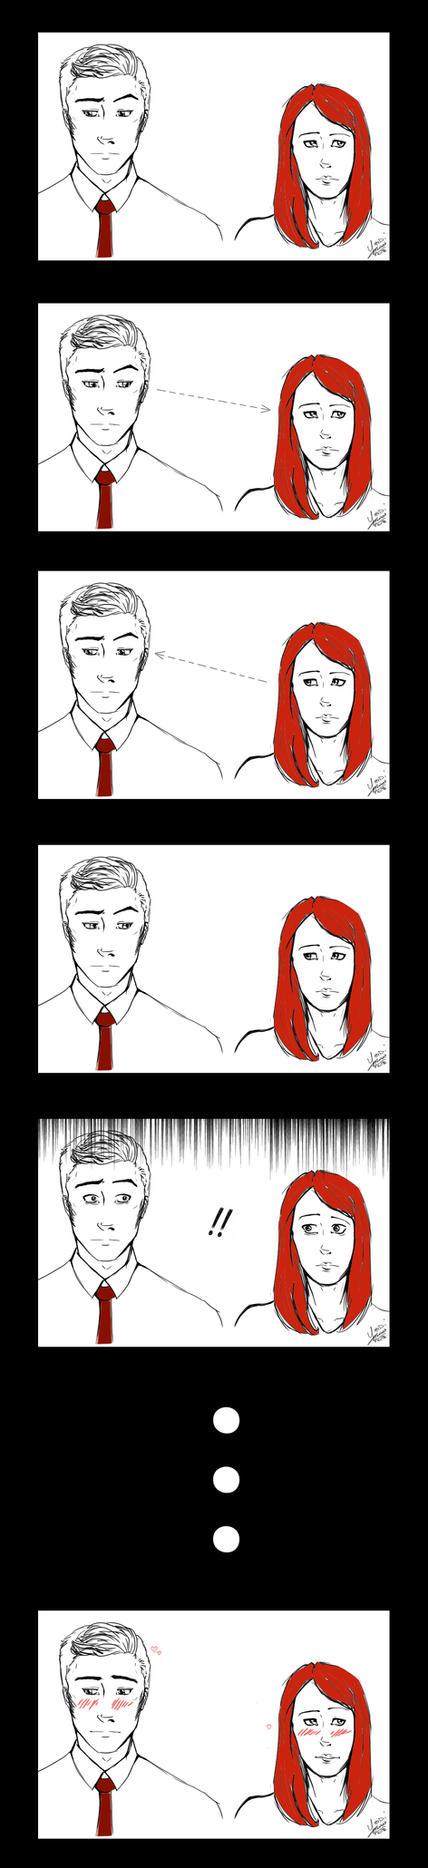 awkward moment by Y0NDI